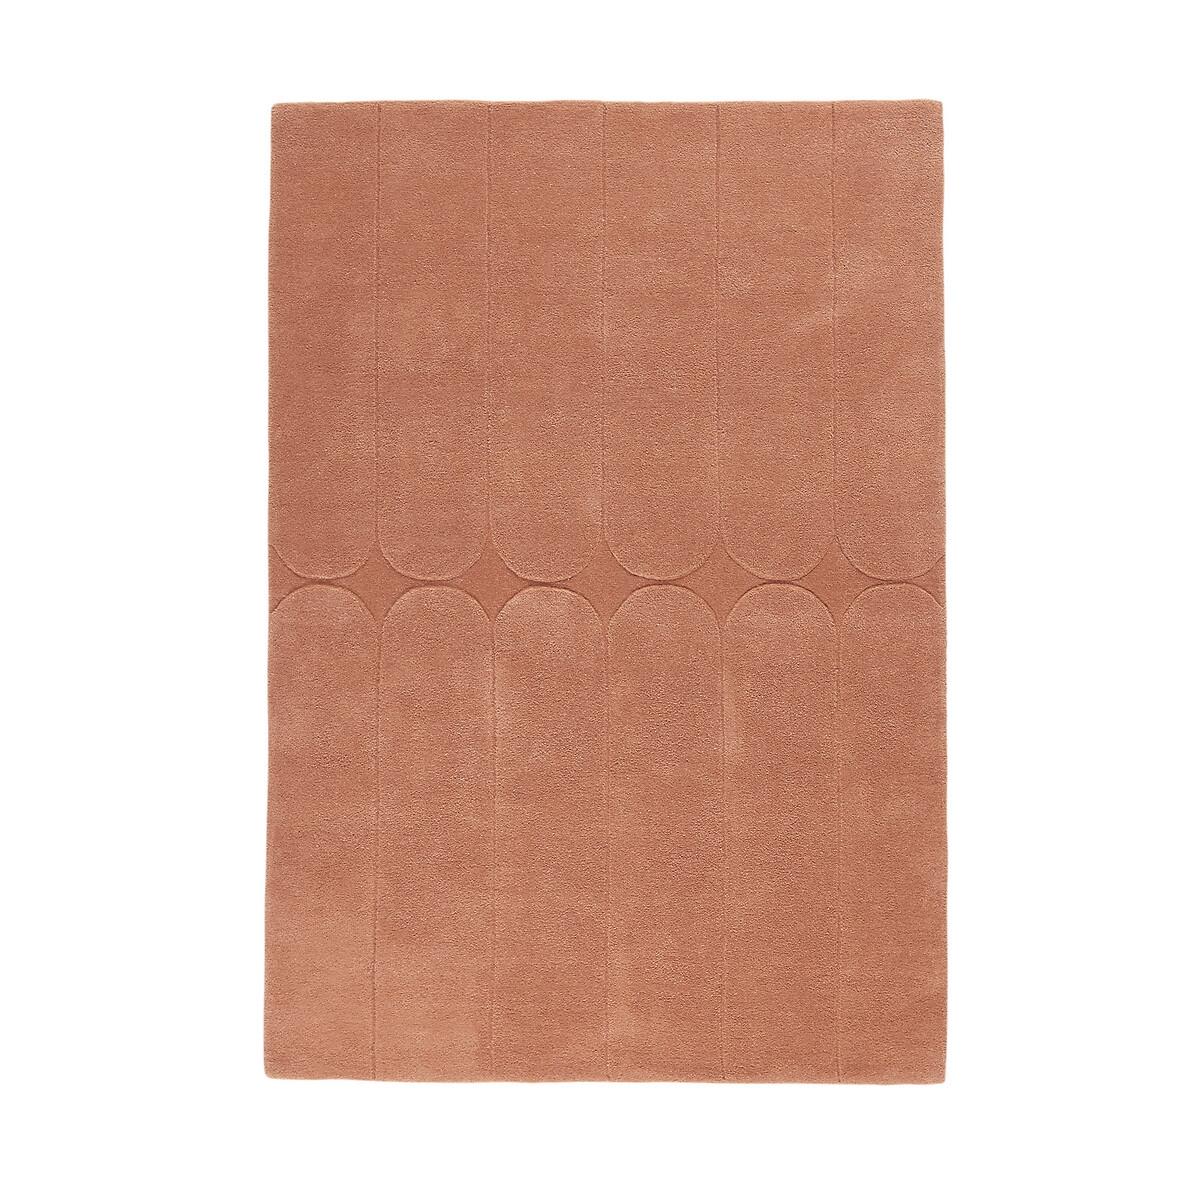 Ковер La Redoute Из шерсти Alba 200 x 290 см каштановый ковер la redoute в берберском стиле kaylon 120 x 170 см каштановый